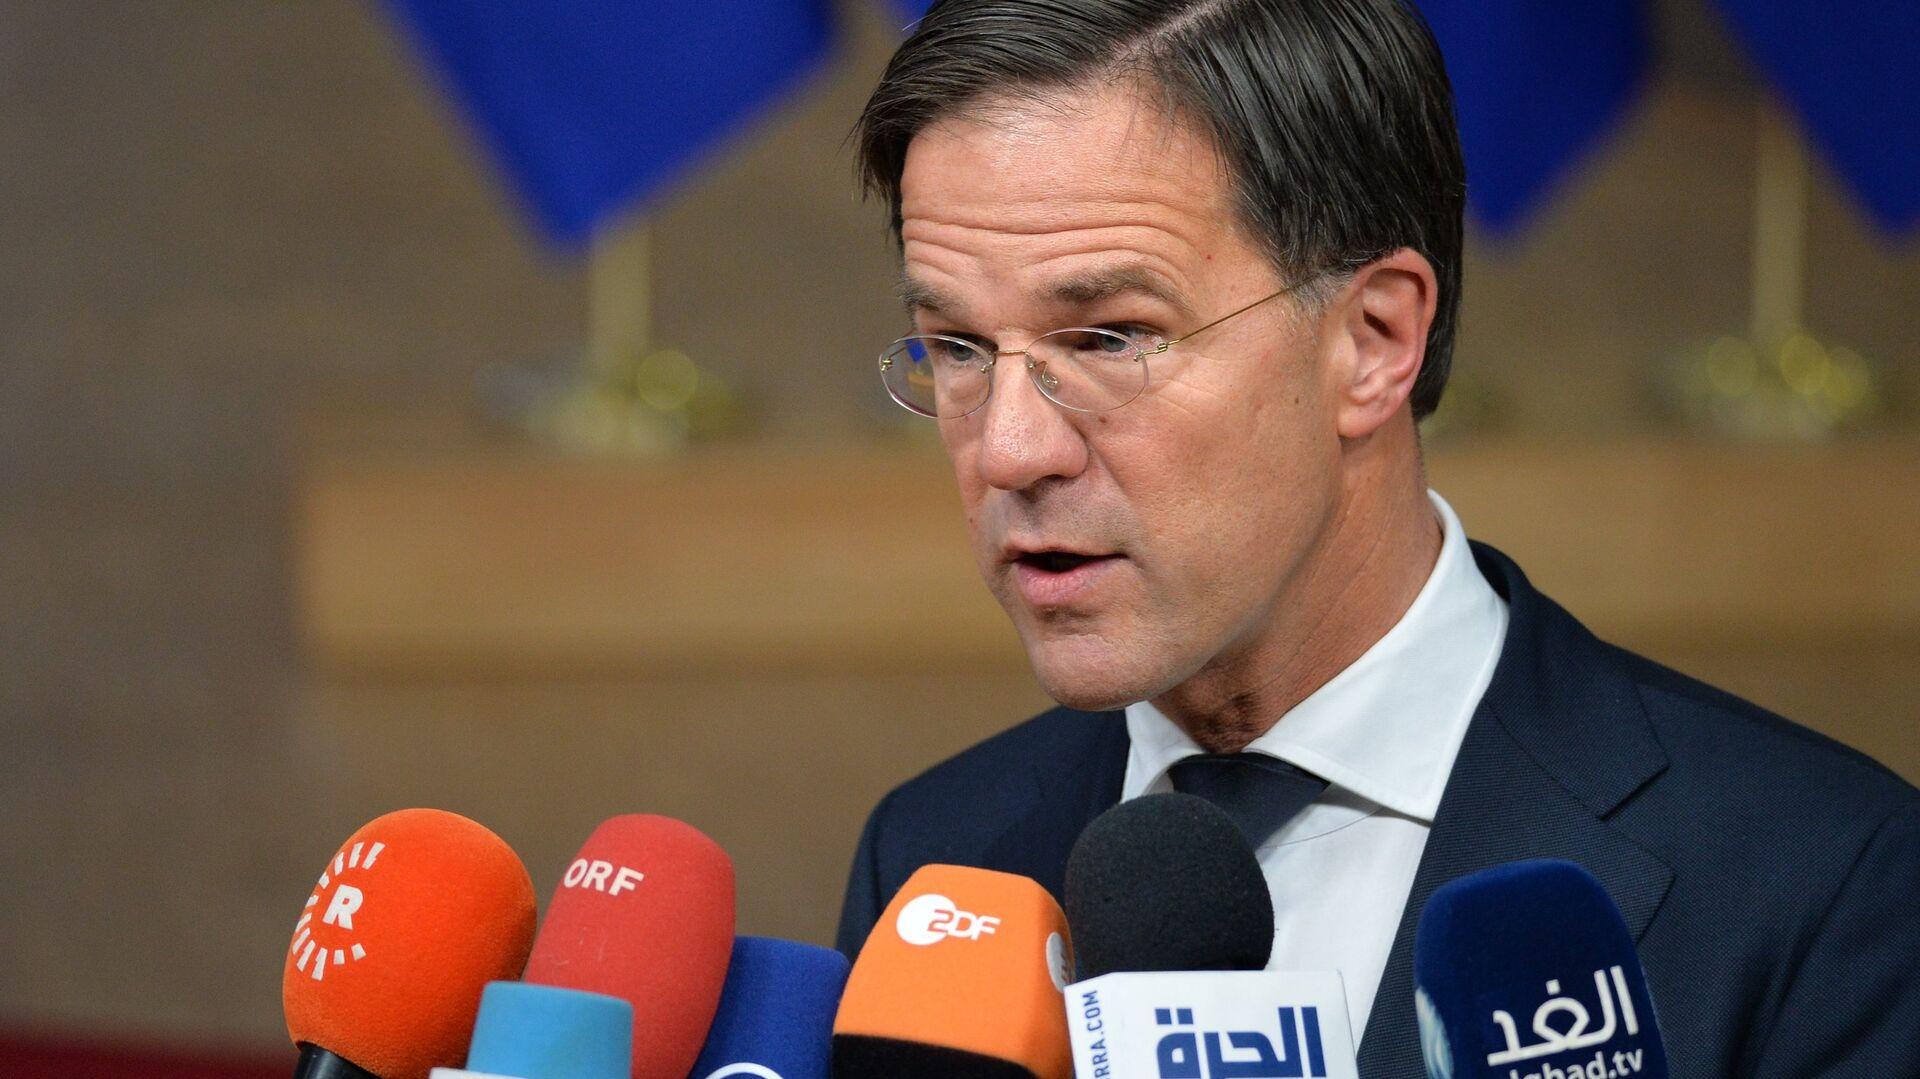 Премьер-министр Нидерландов Марк Рютте на внеочередном саммите ЕС по брекзиту в Брюсселе. 25 ноября 2018 - РИА Новости, 1920, 17.09.2021